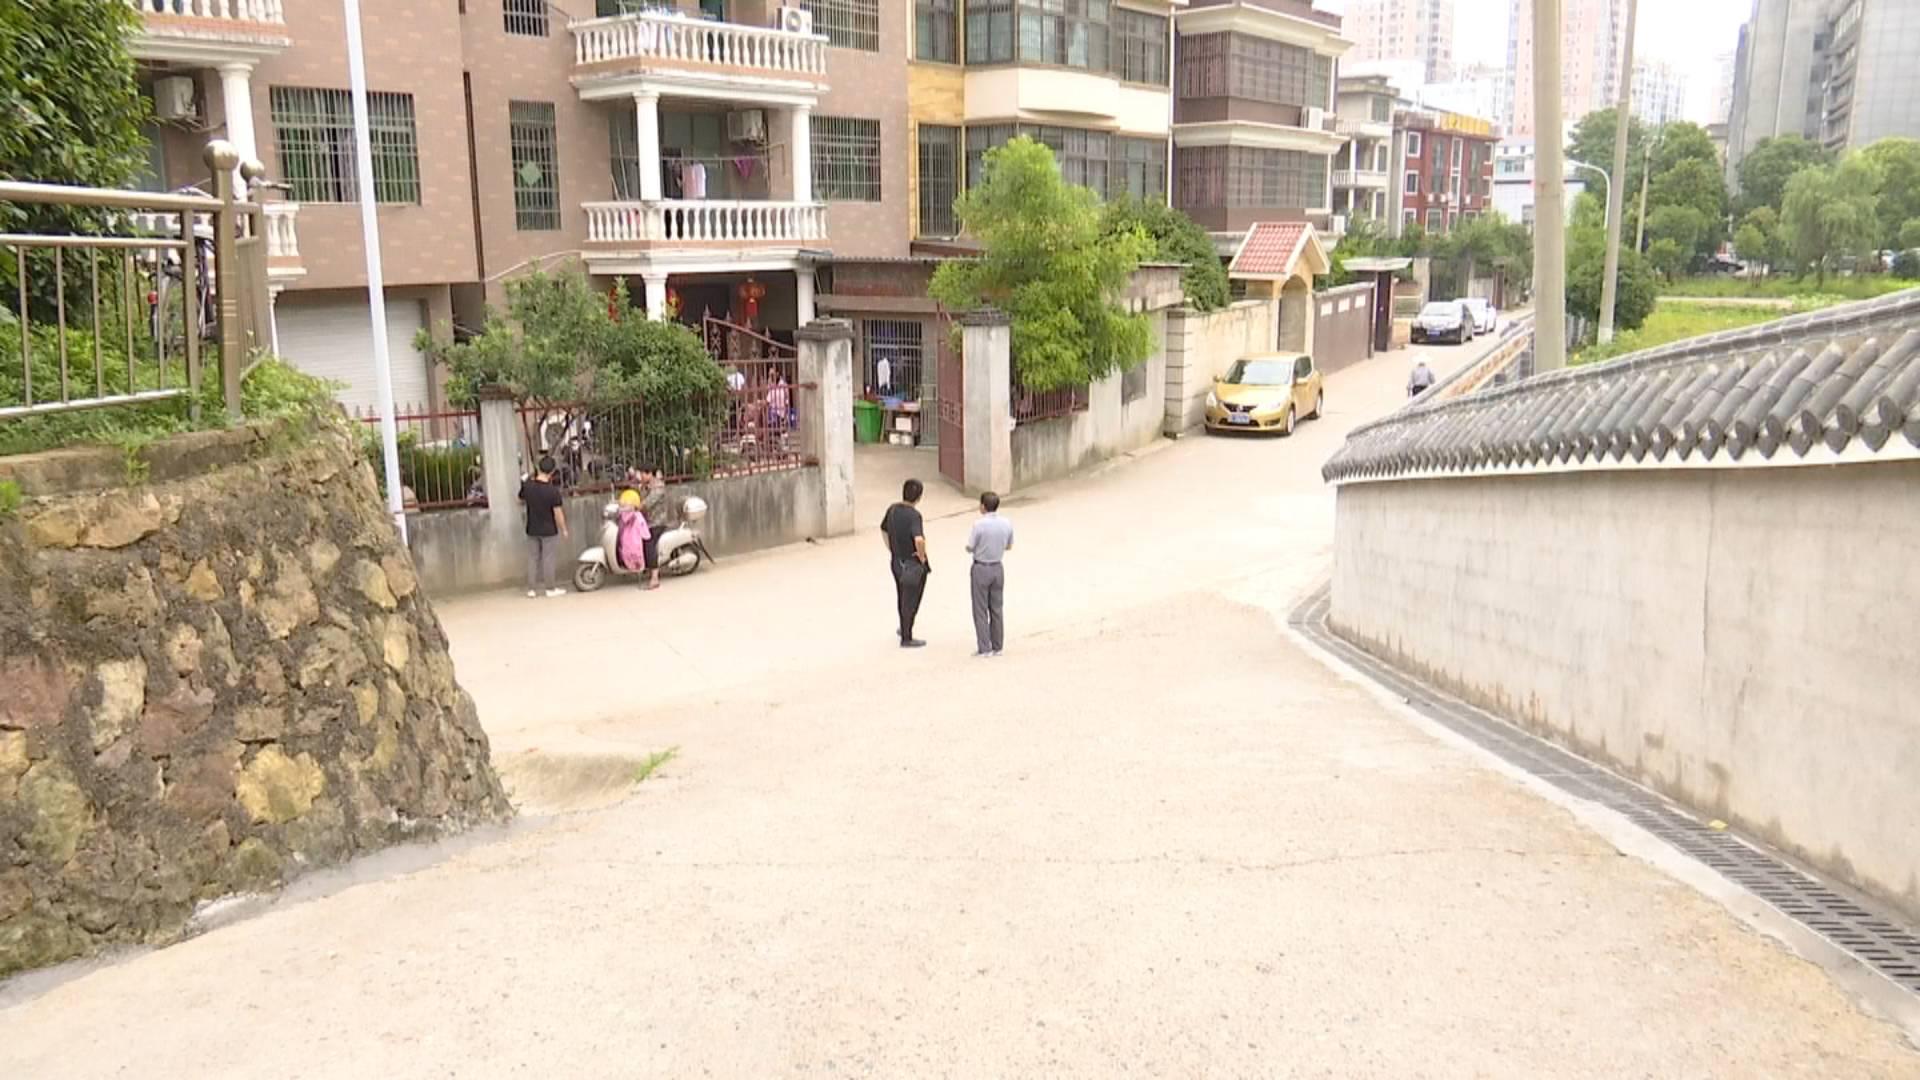 安置小区内雨天积水严重  反映后问题得解决